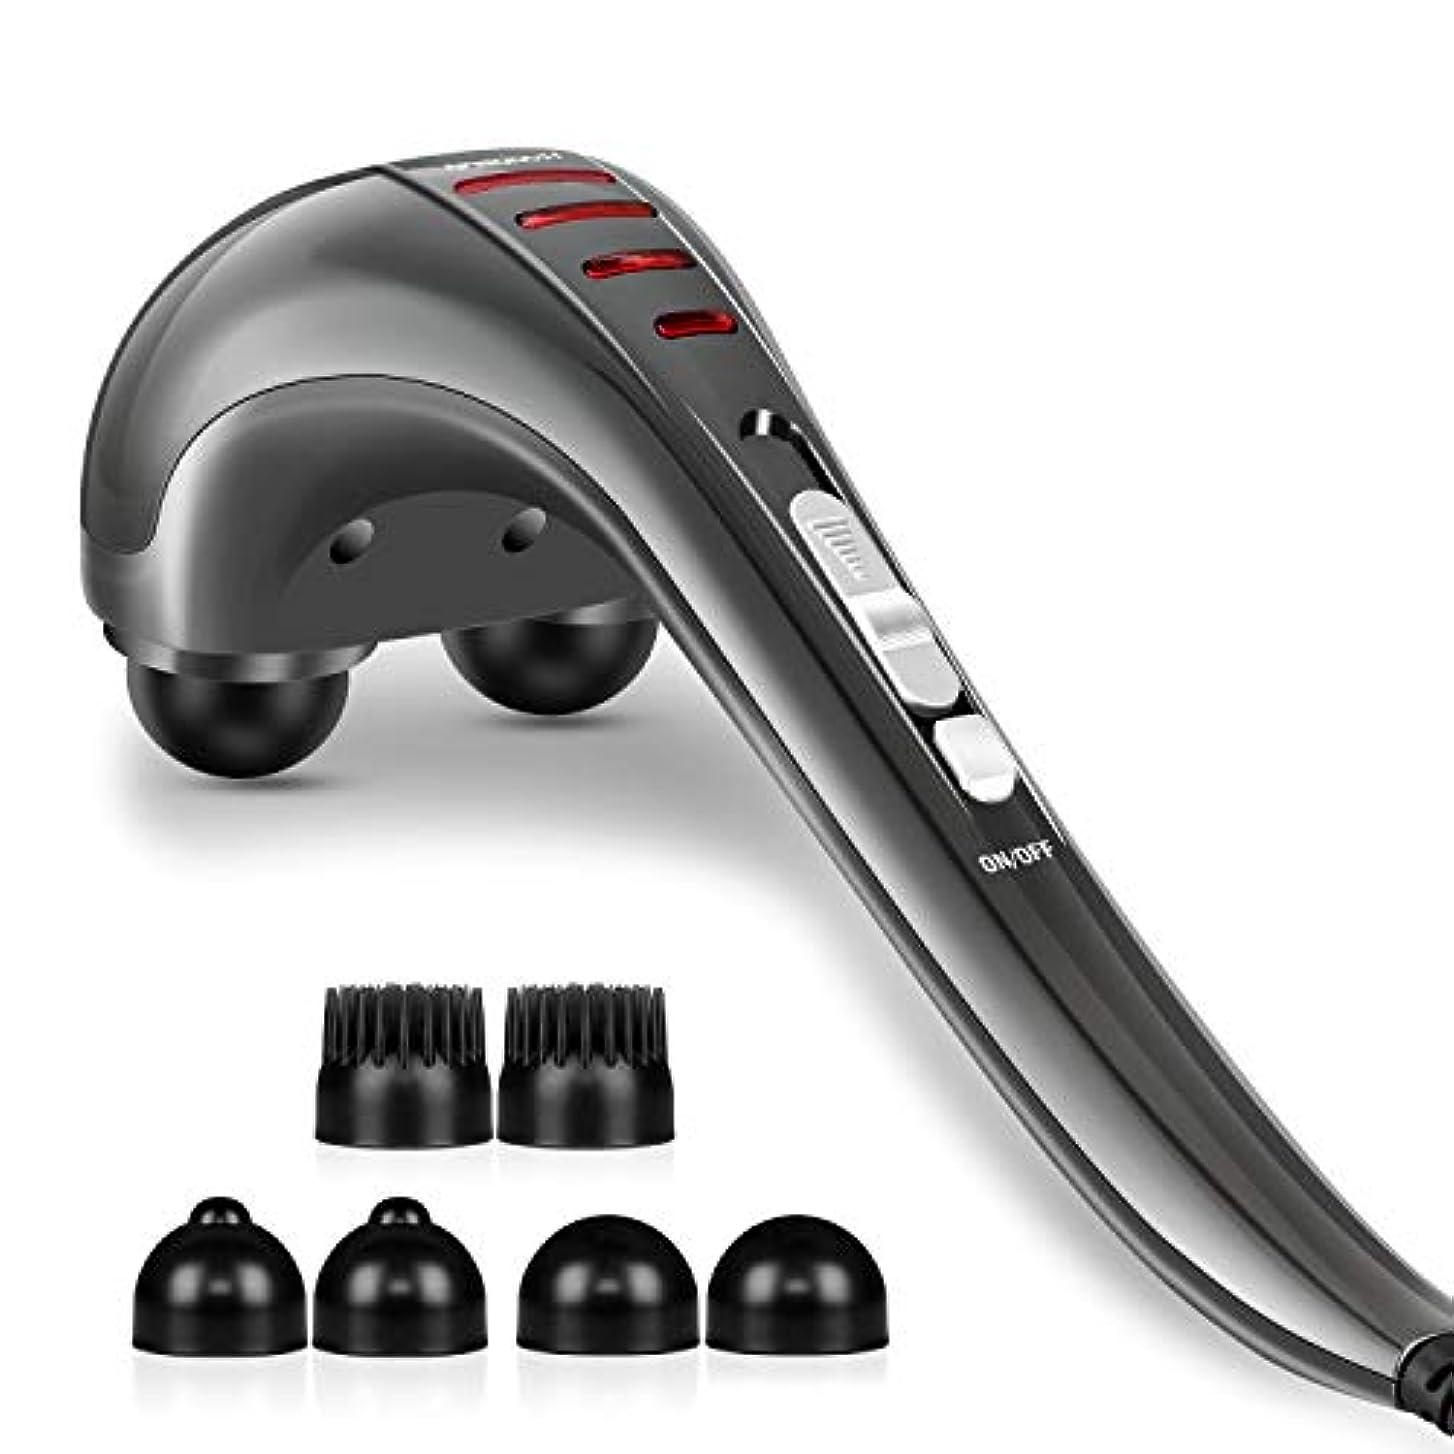 カンガルー慈善教授Hangsun Handheld Neck Back Massager MG460 Deep Tissue Percussion Massage for Shoulder, Leg, Foot, Muscles, Electric...